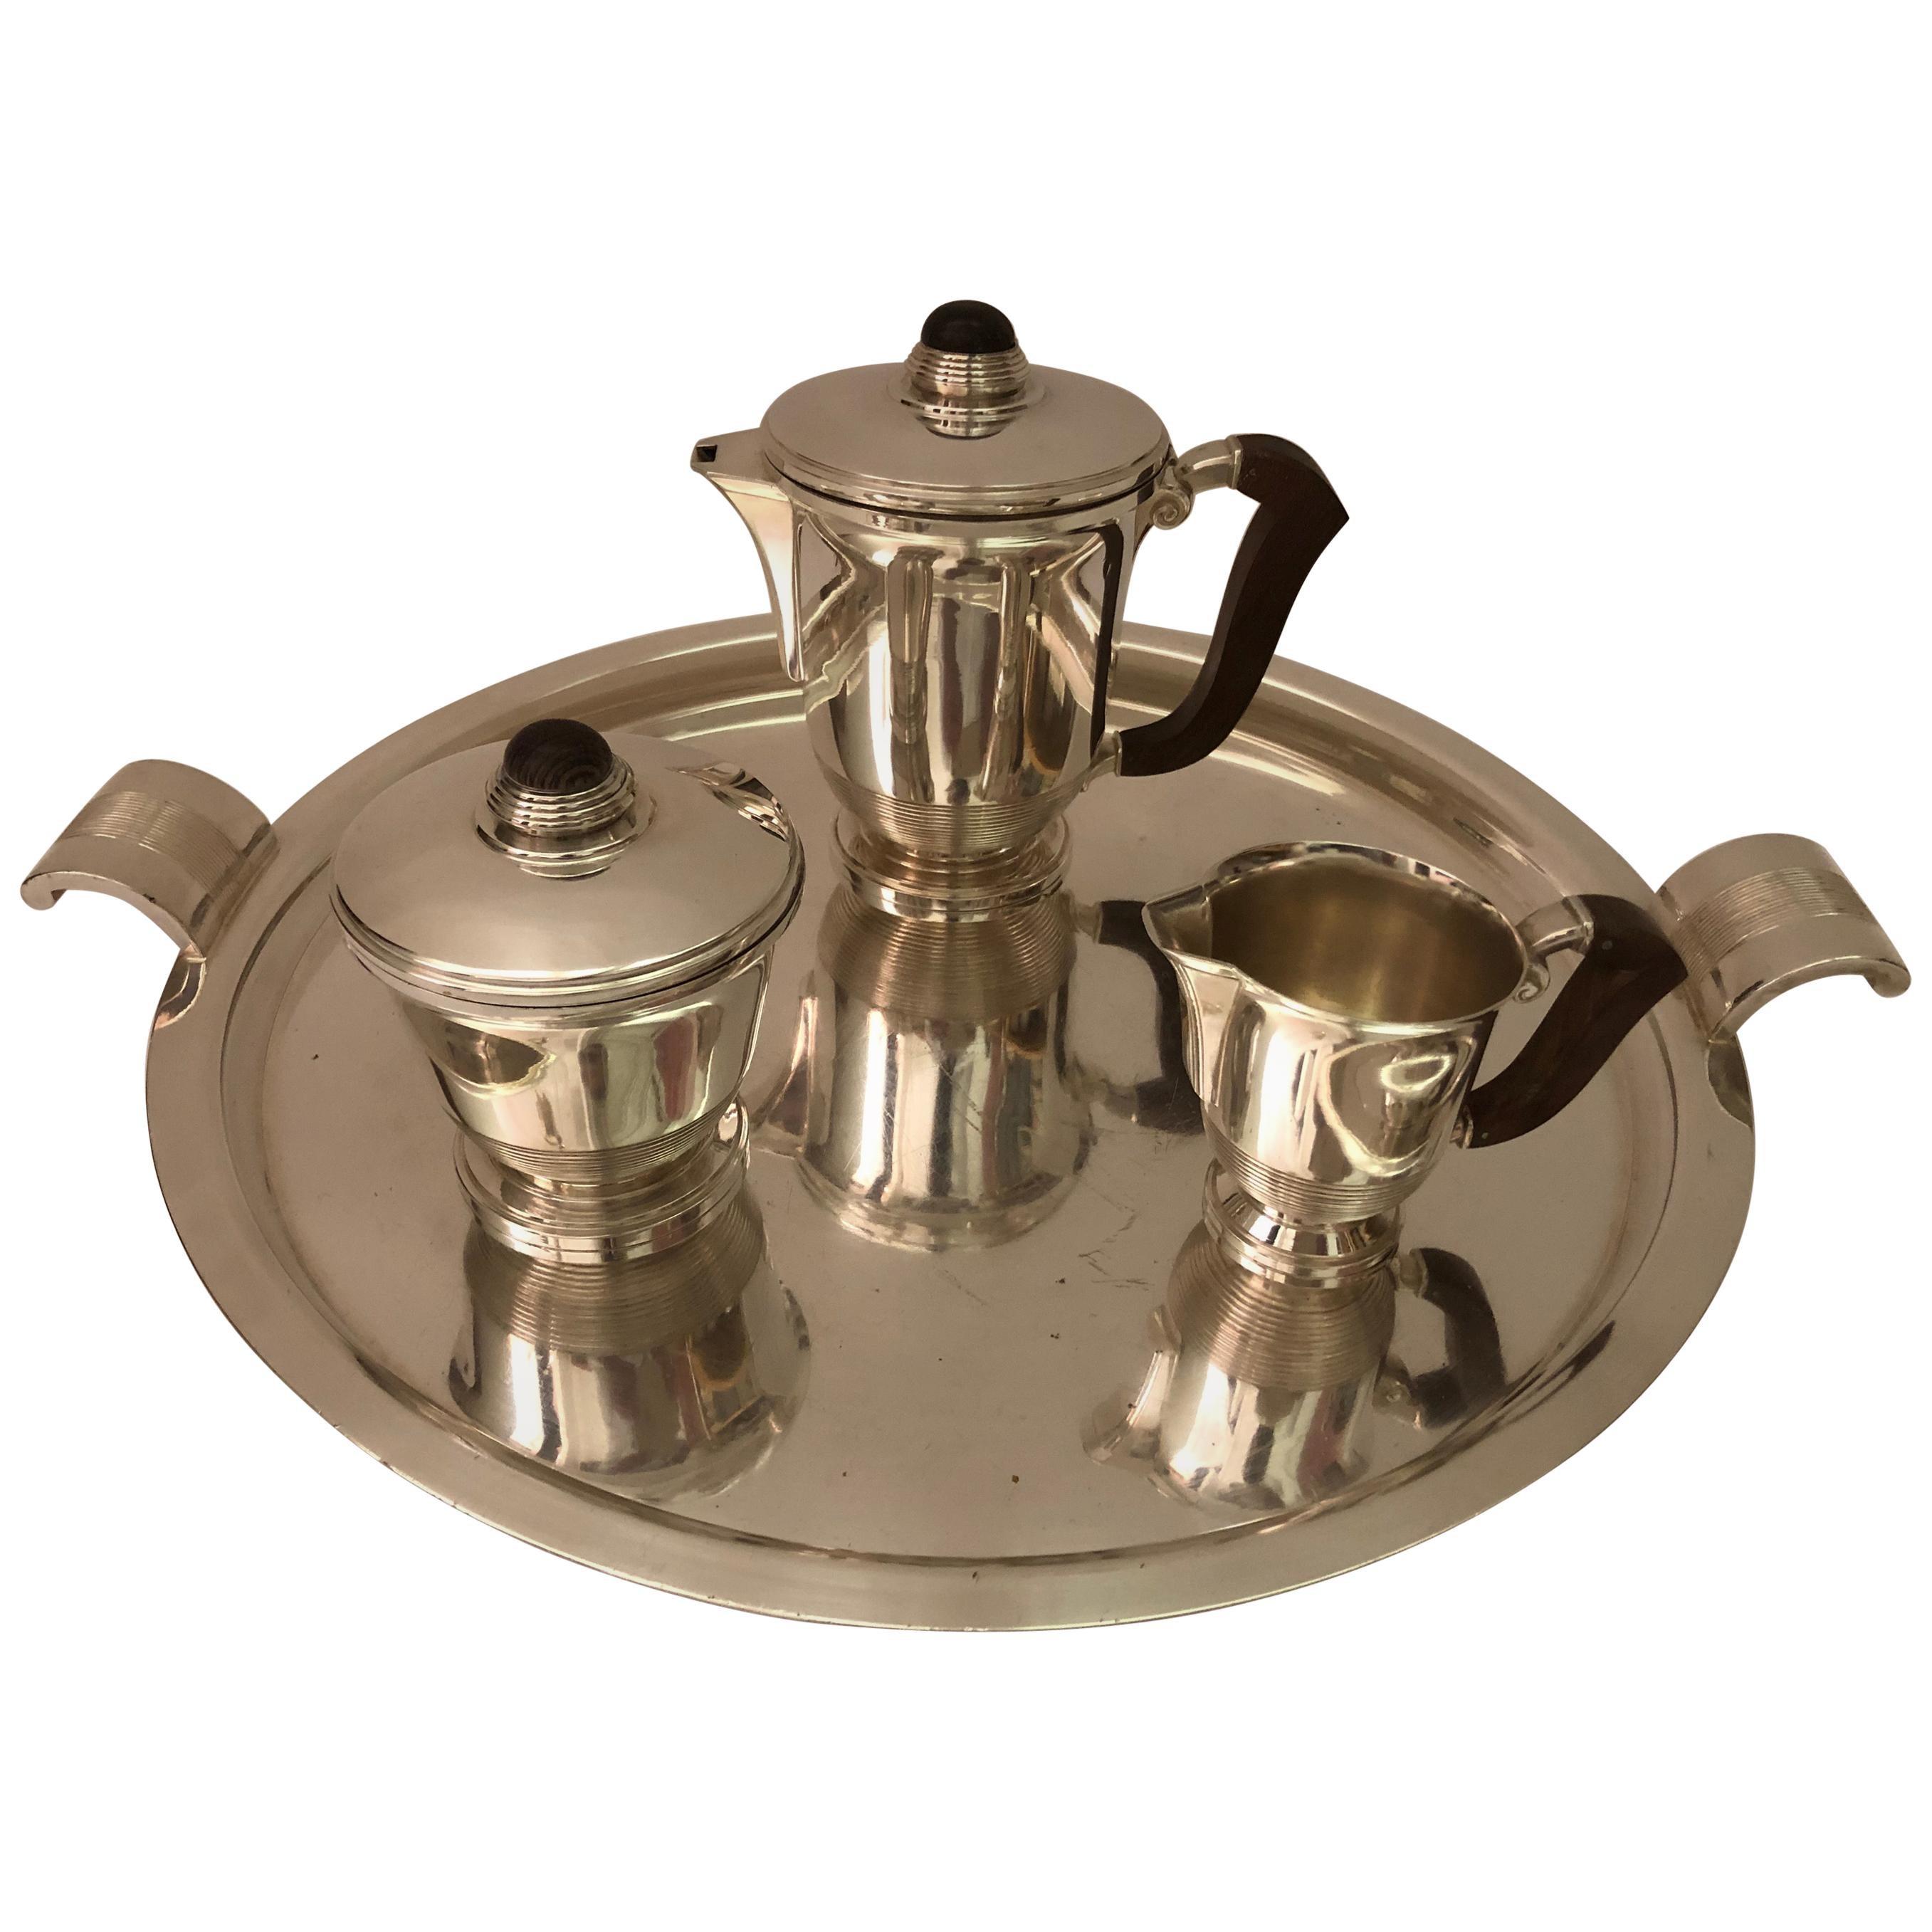 1930s Polished Silver Tea/Coffee Set